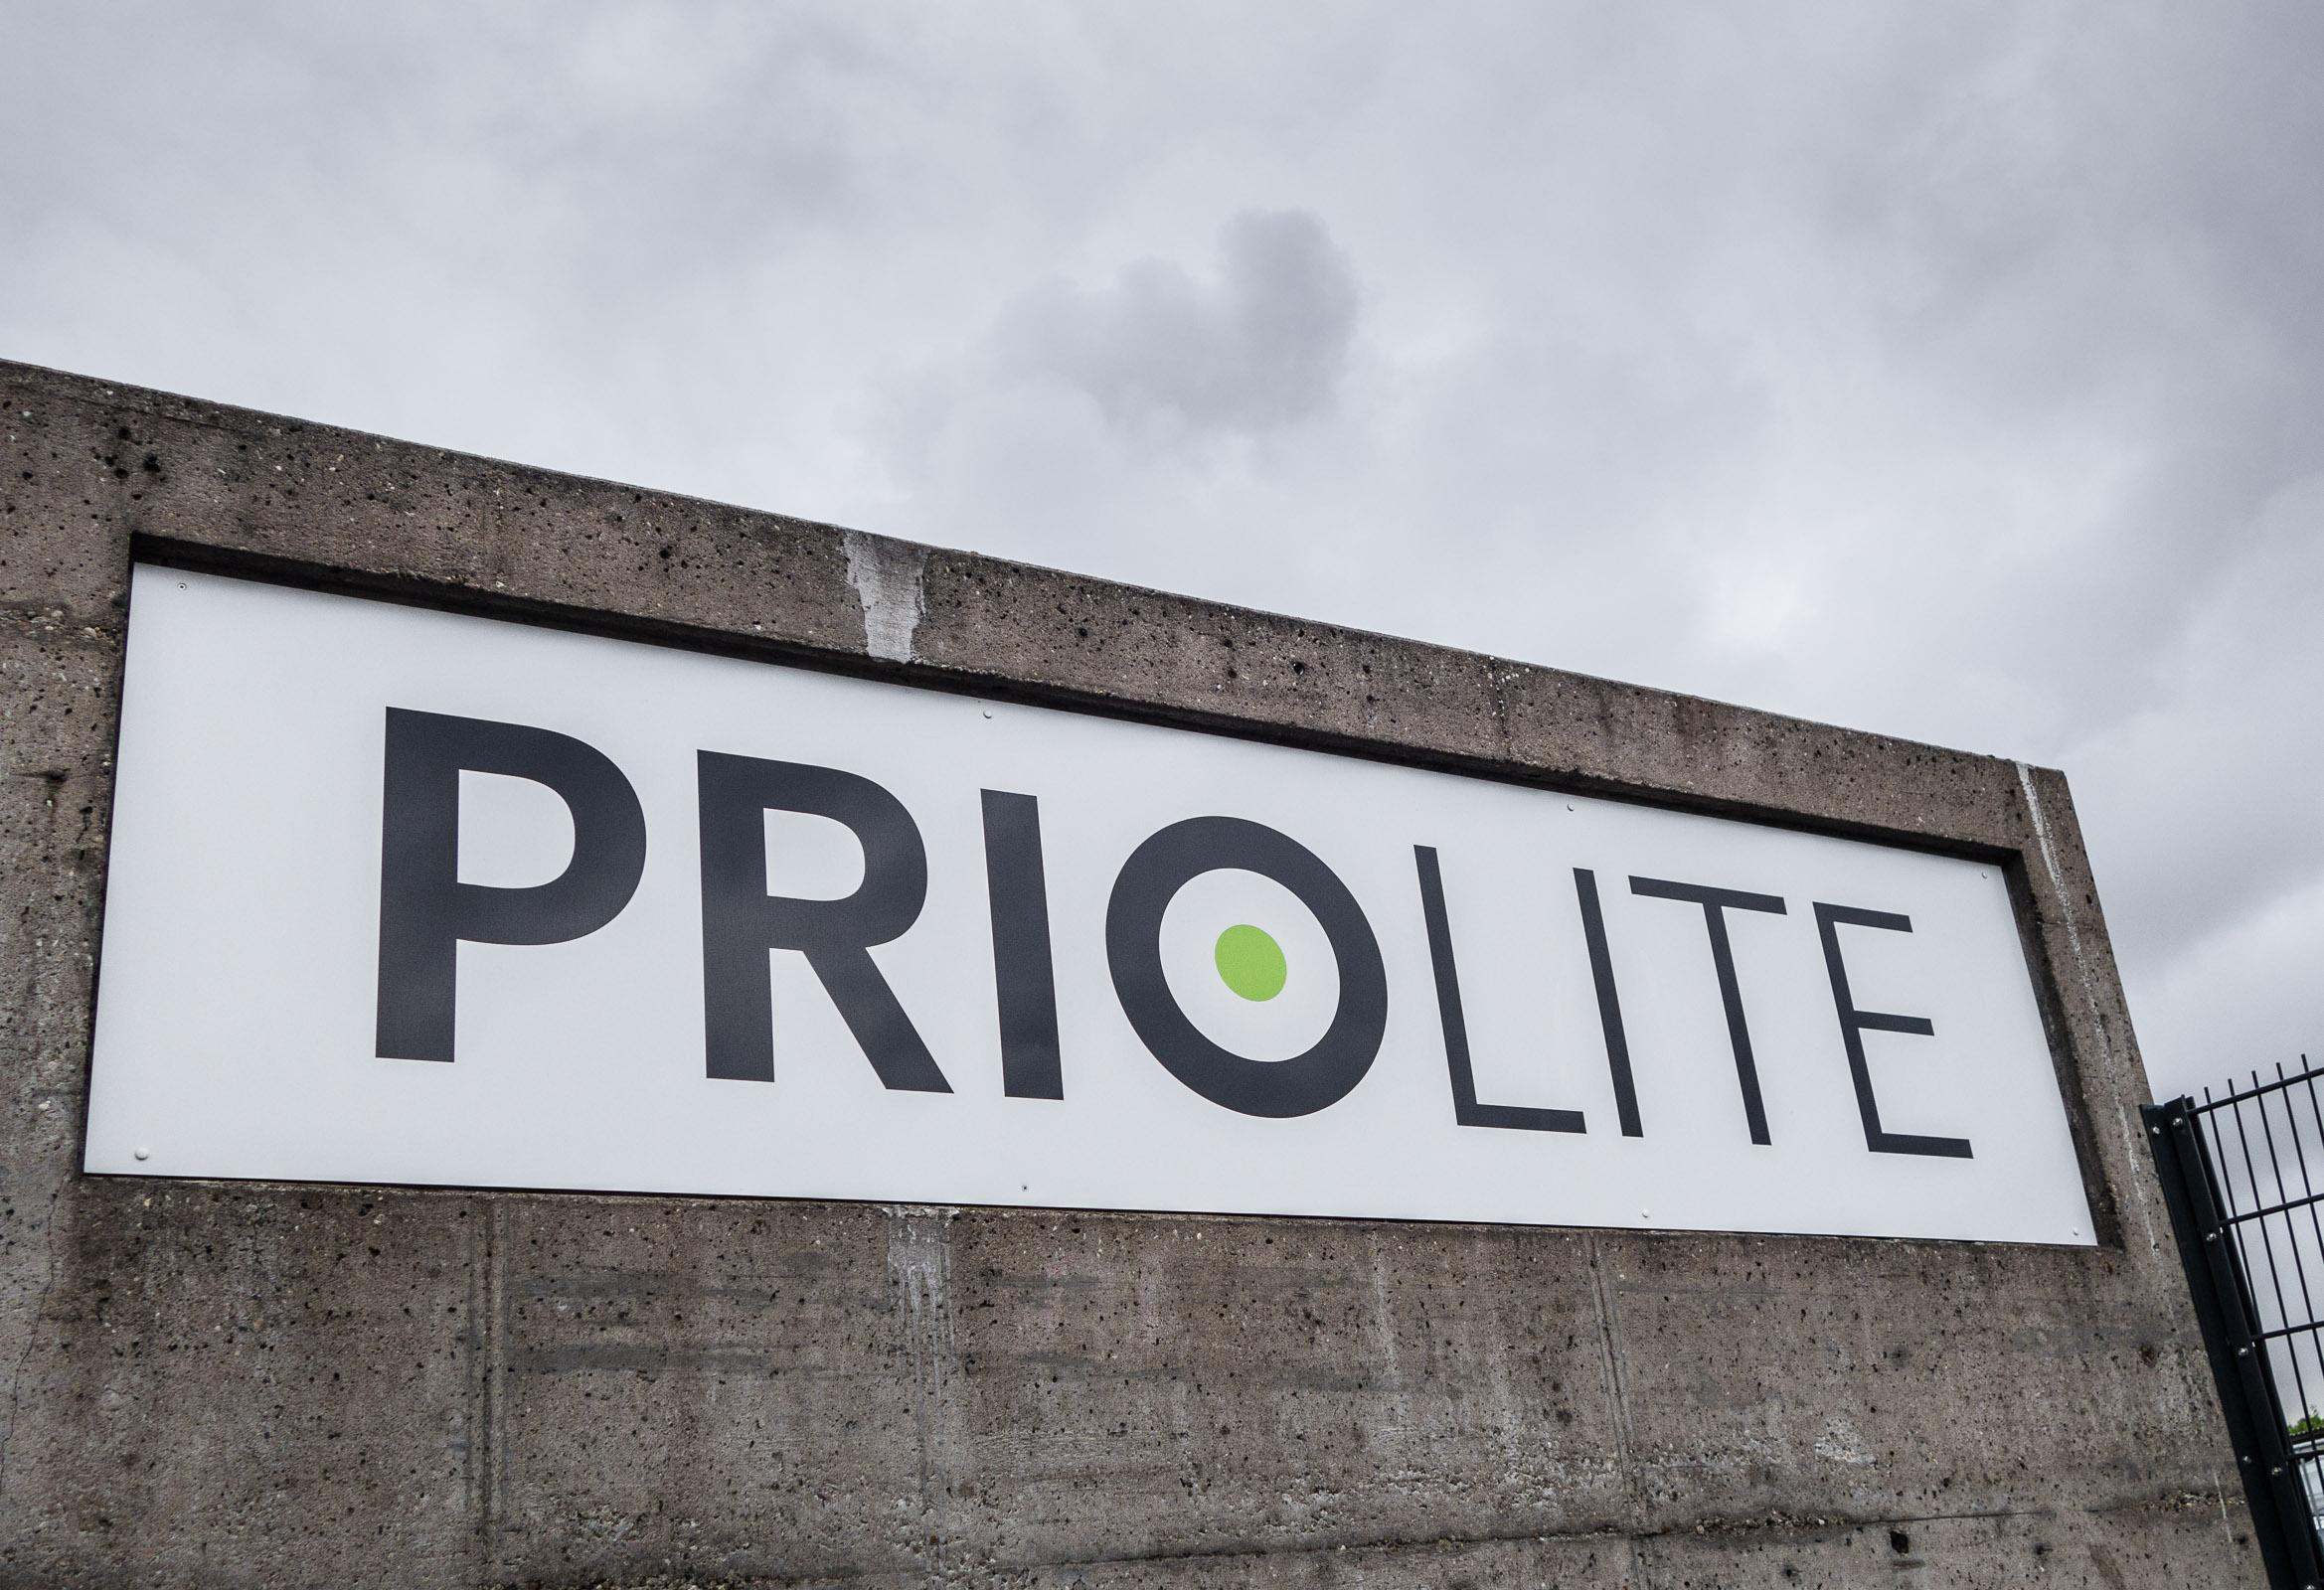 Von Hensel zu Priolite